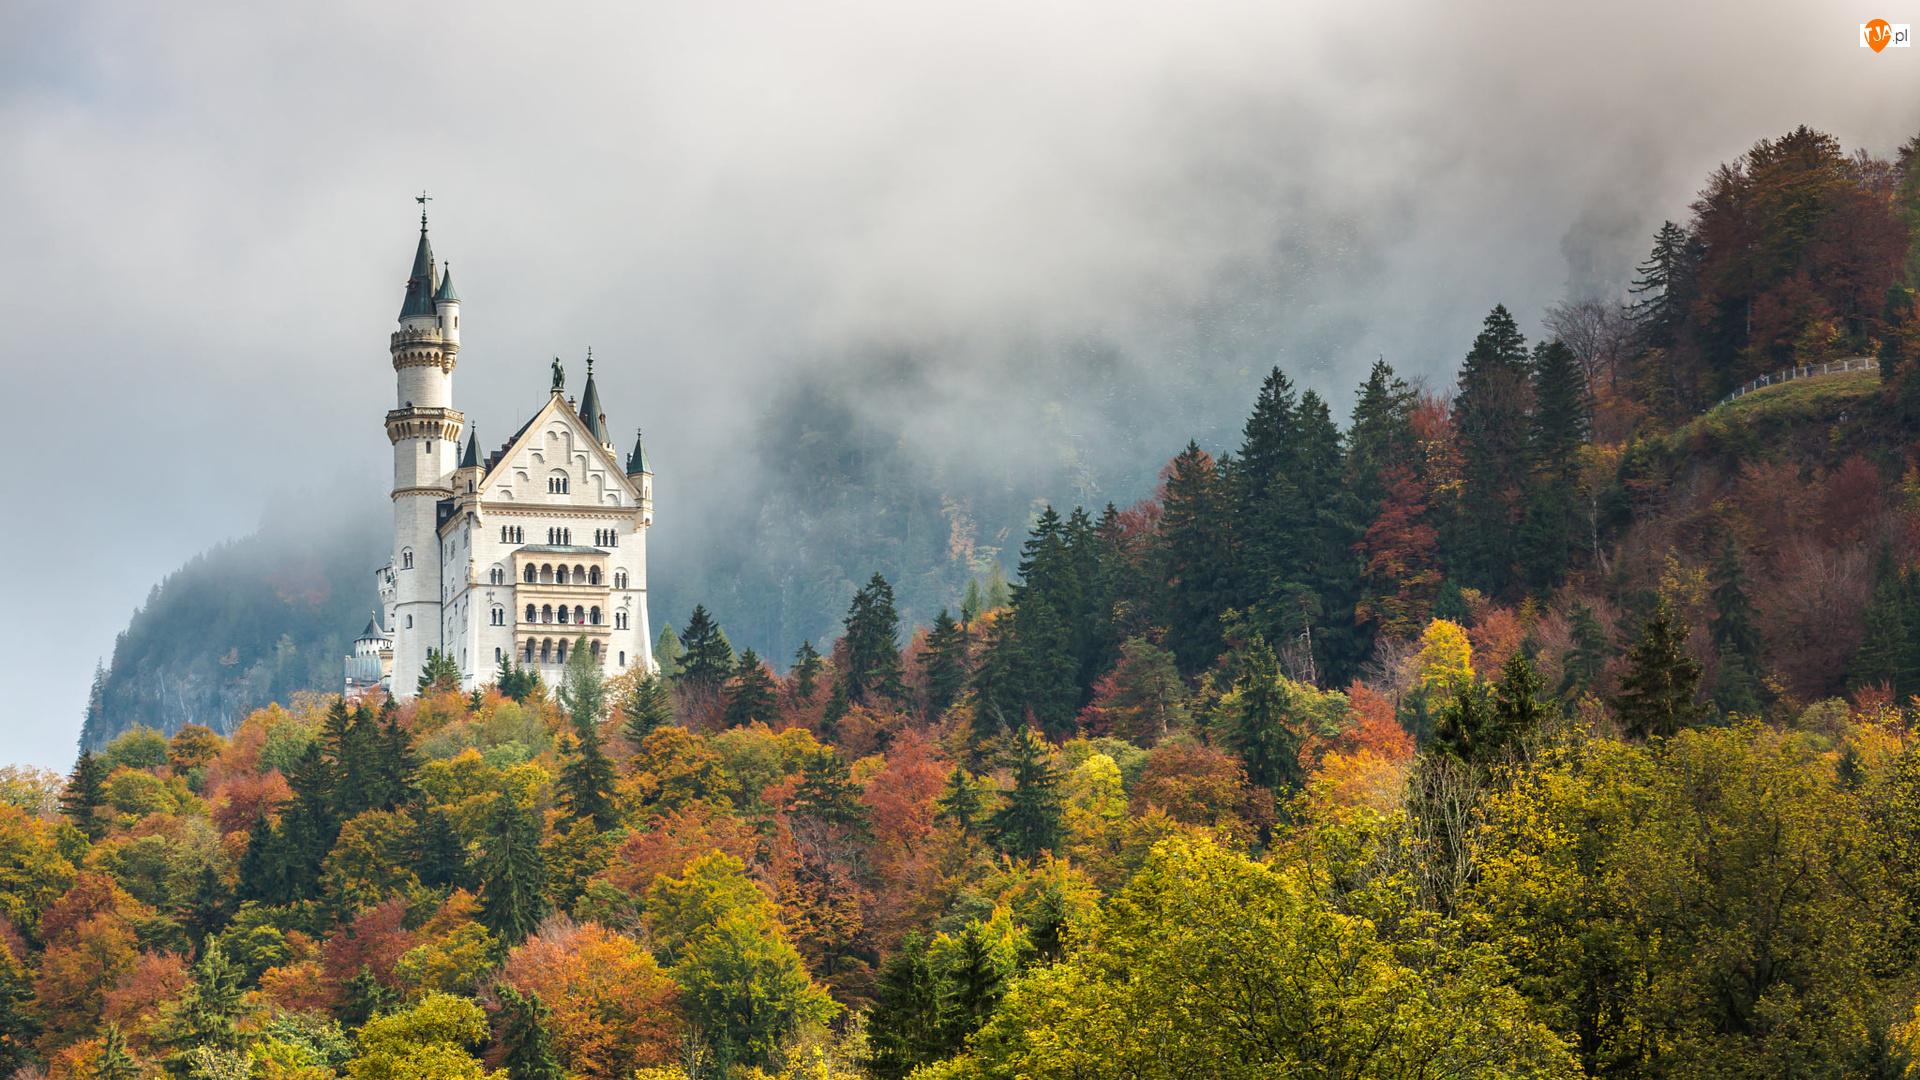 Las, Jesień, Bawaria, Niemcy, Drzewa, Zamek Neuschwanstein, Mgła